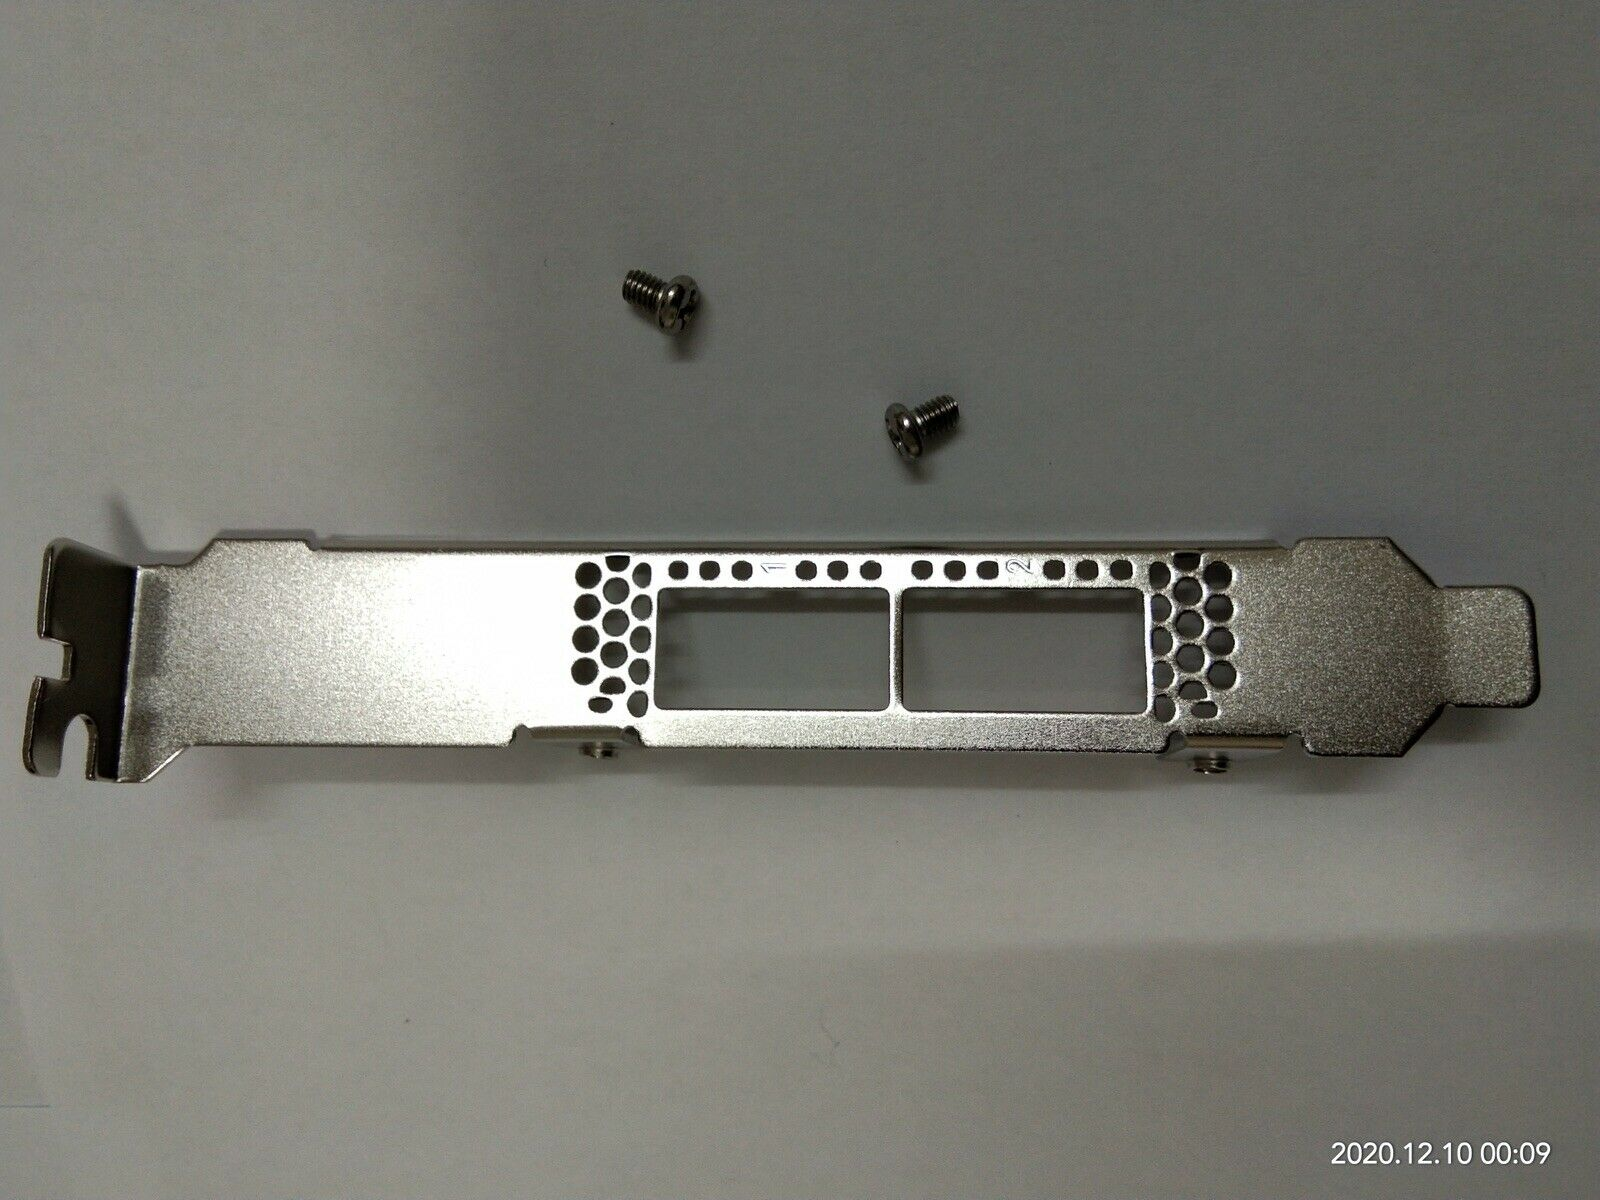 5pcs Full Height Bracket for CX416A MCX416A CX456A MCX456A CX556A MCX556A